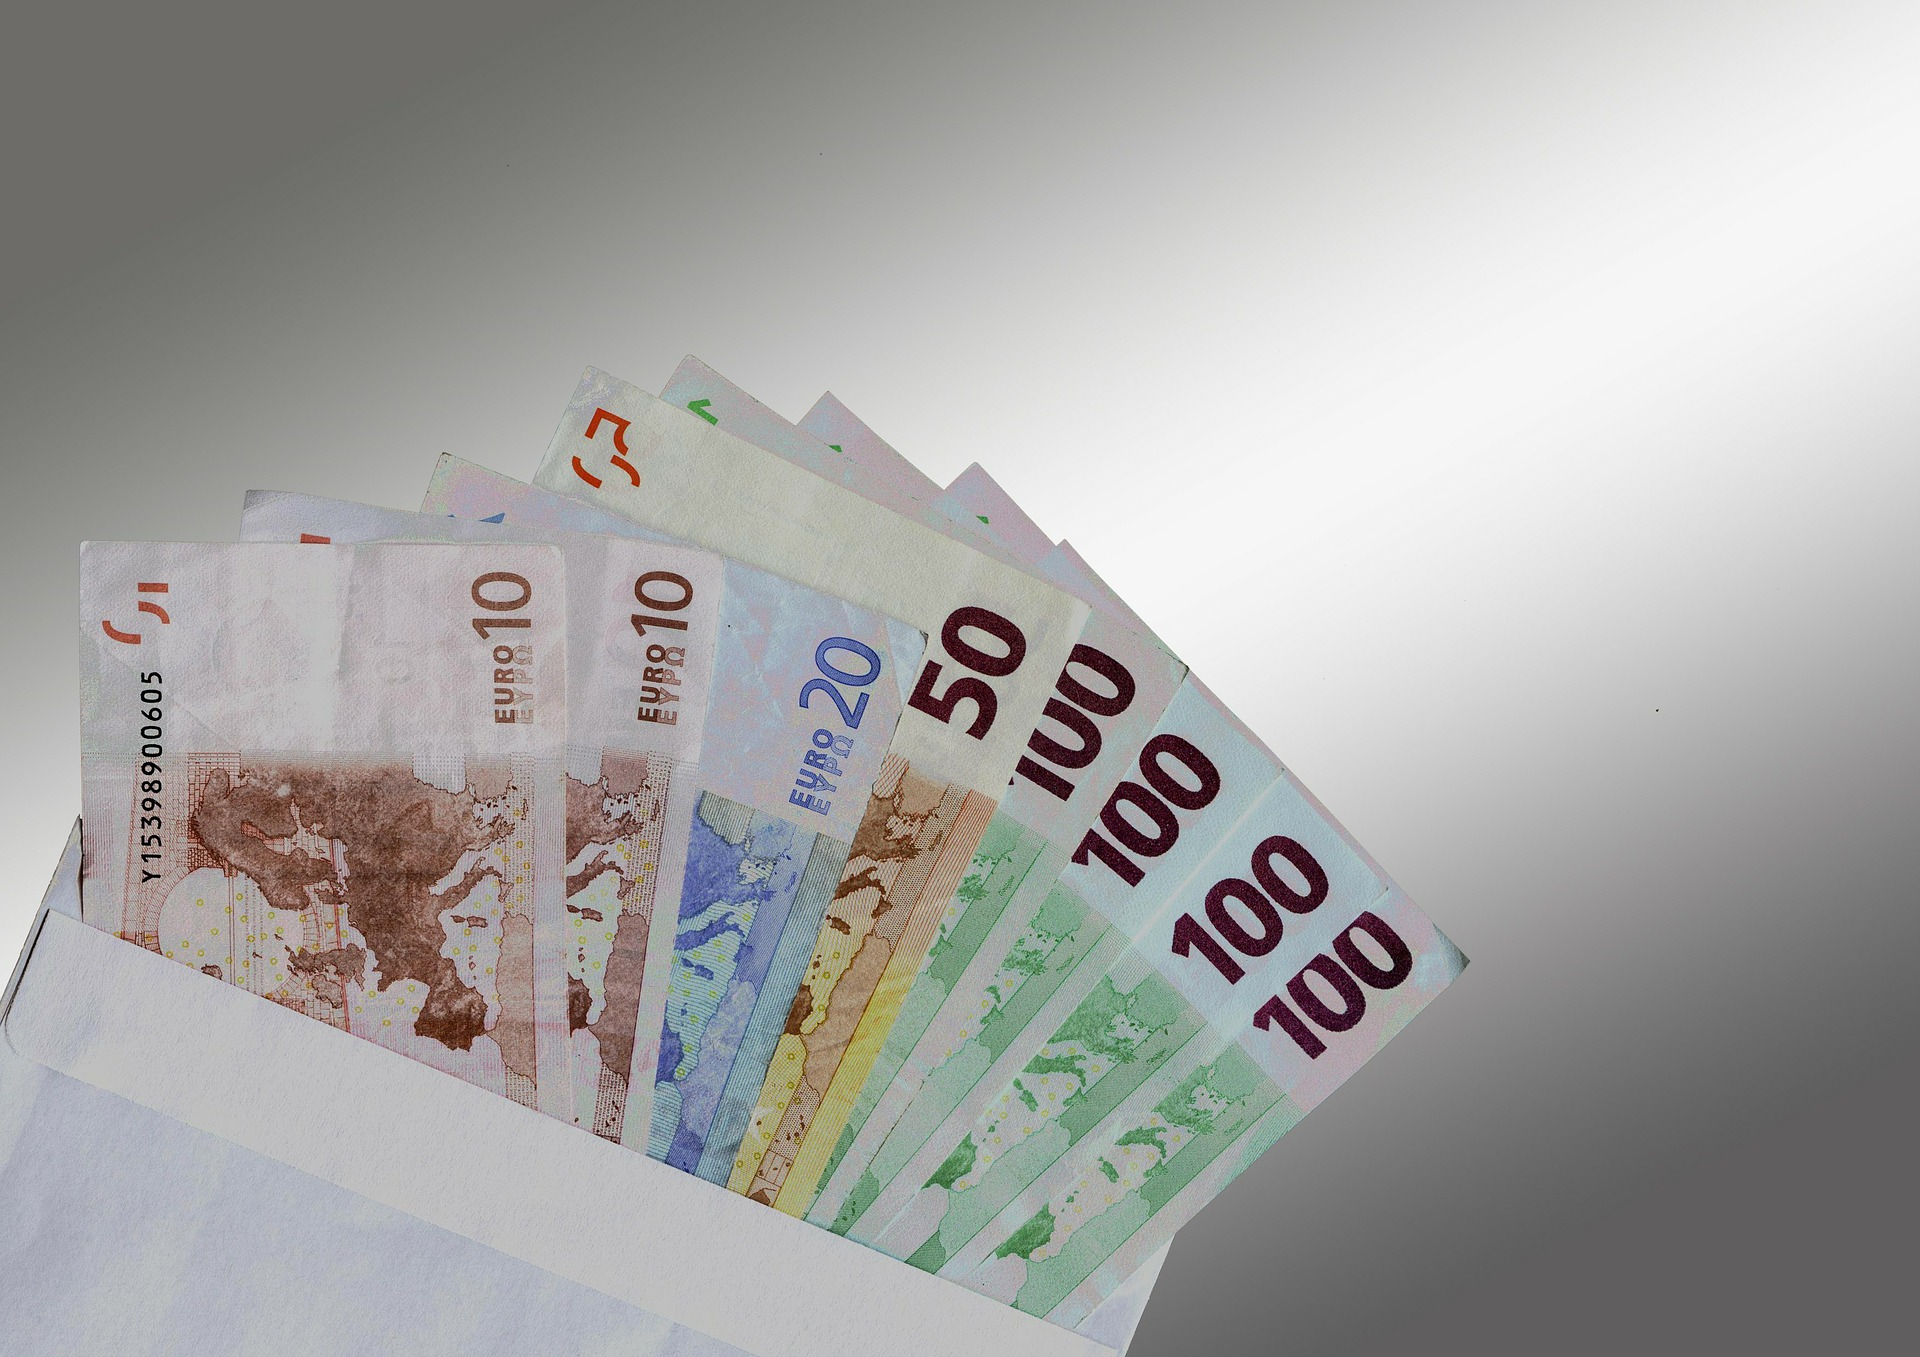 precios detectives - euros - honorarios detectives